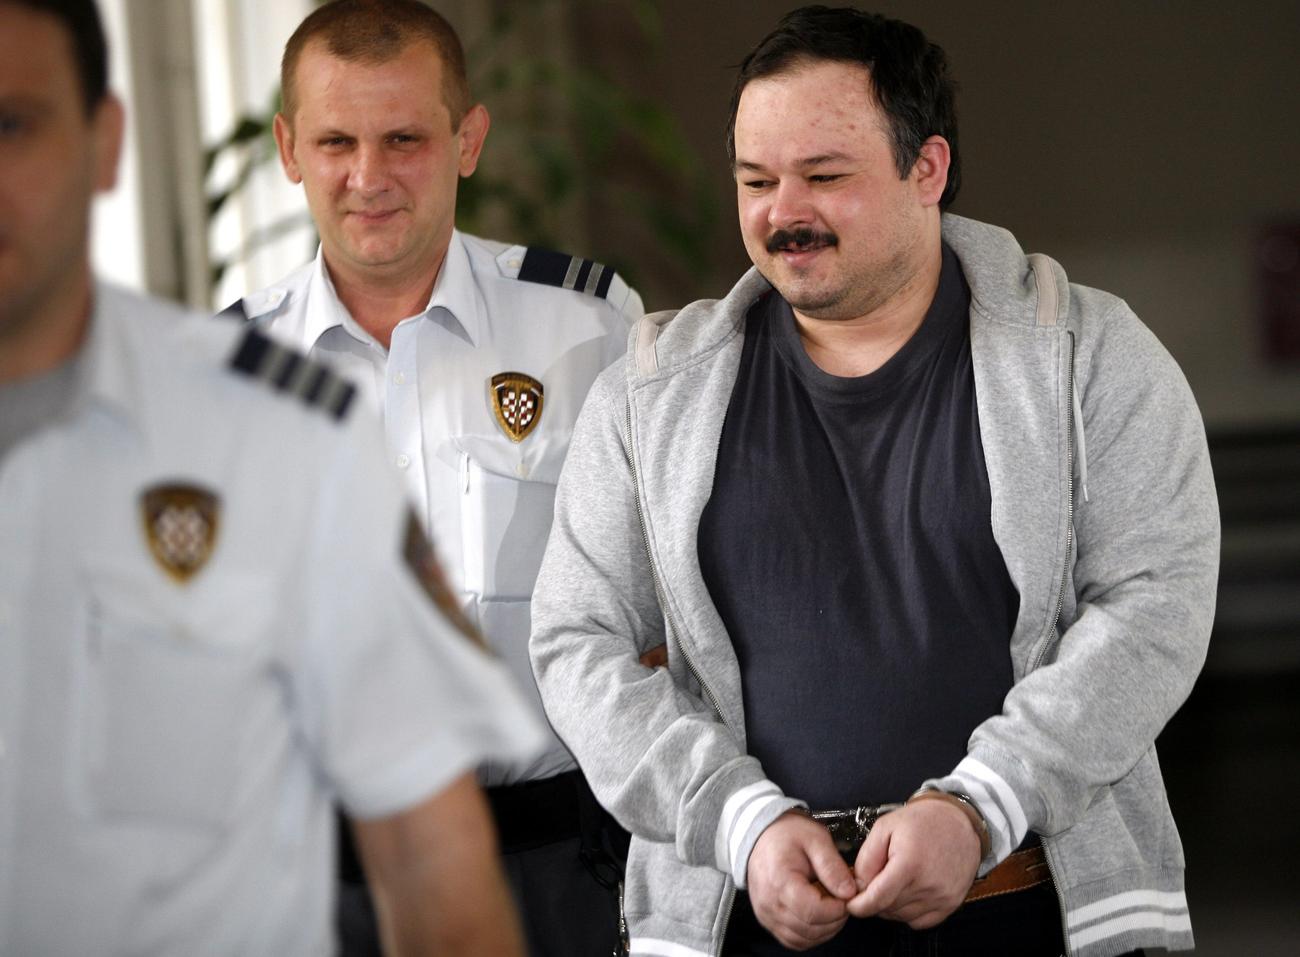 Siniša Adamić na sudu u Rijeci 2009. kada je osuđen na četiri godine zatvora zbog pokušaja otmice maloljetnice